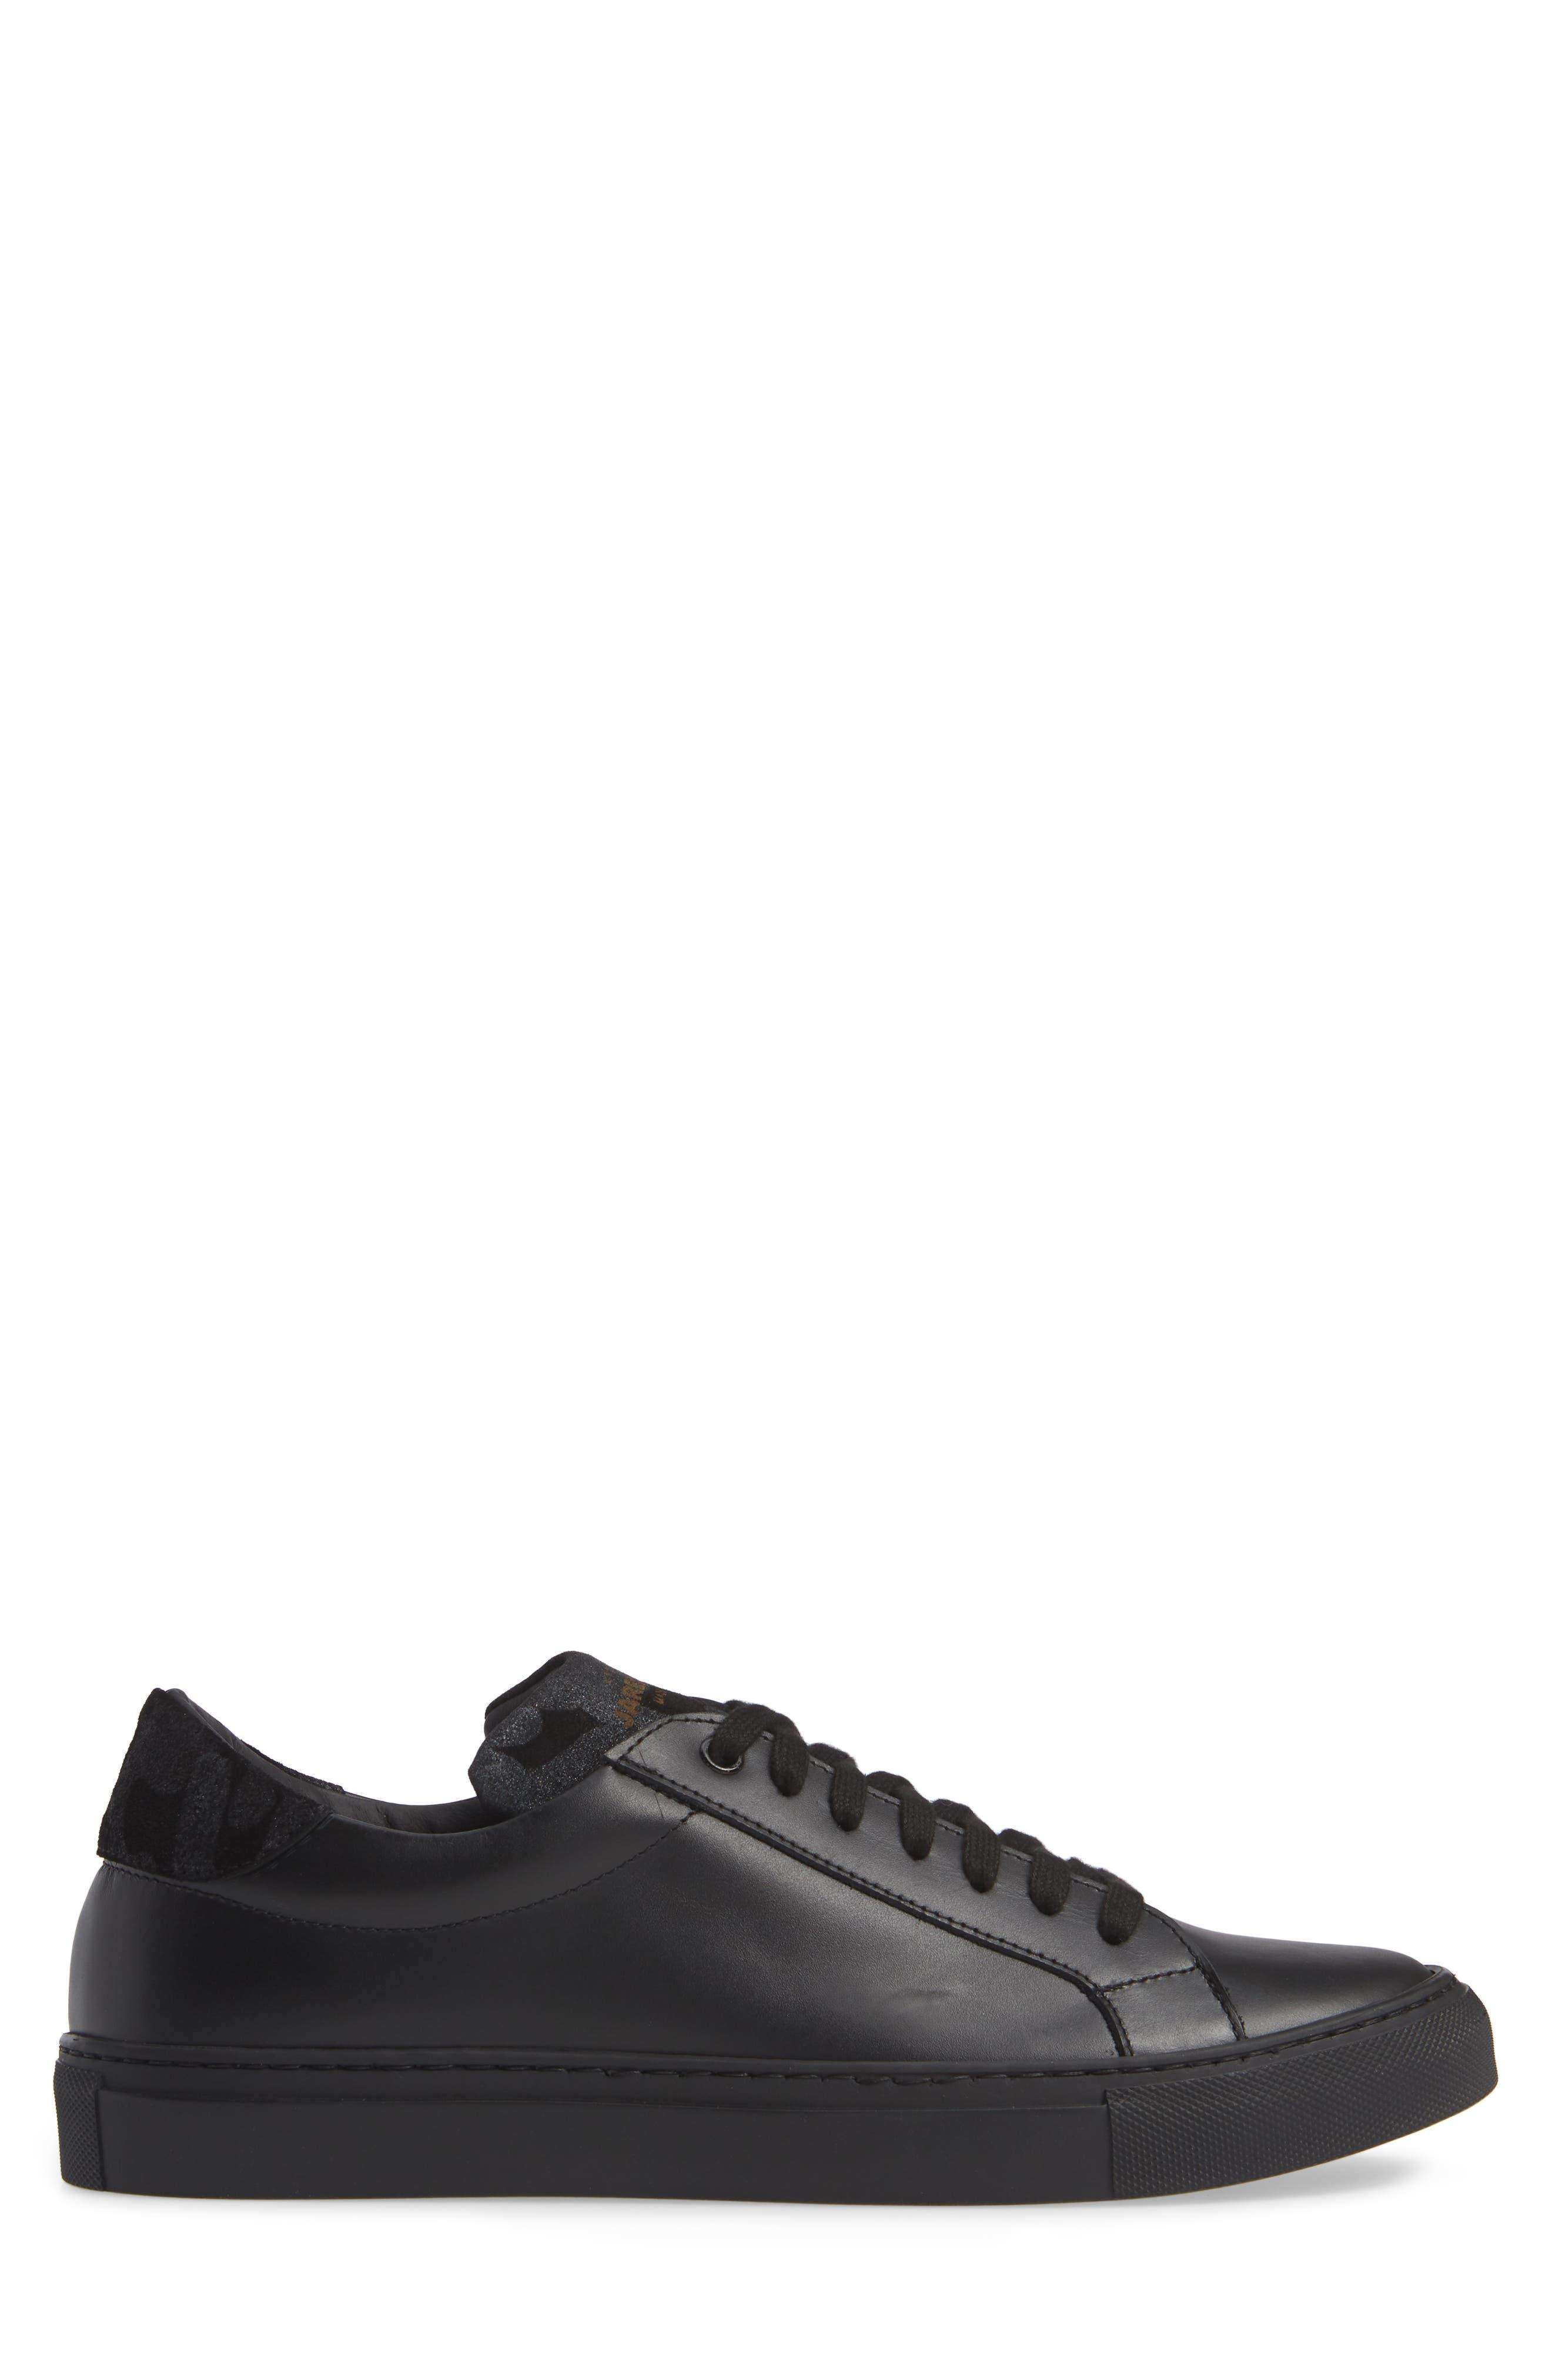 JARED LANG, Rome Sneaker, Alternate thumbnail 3, color, BLACK